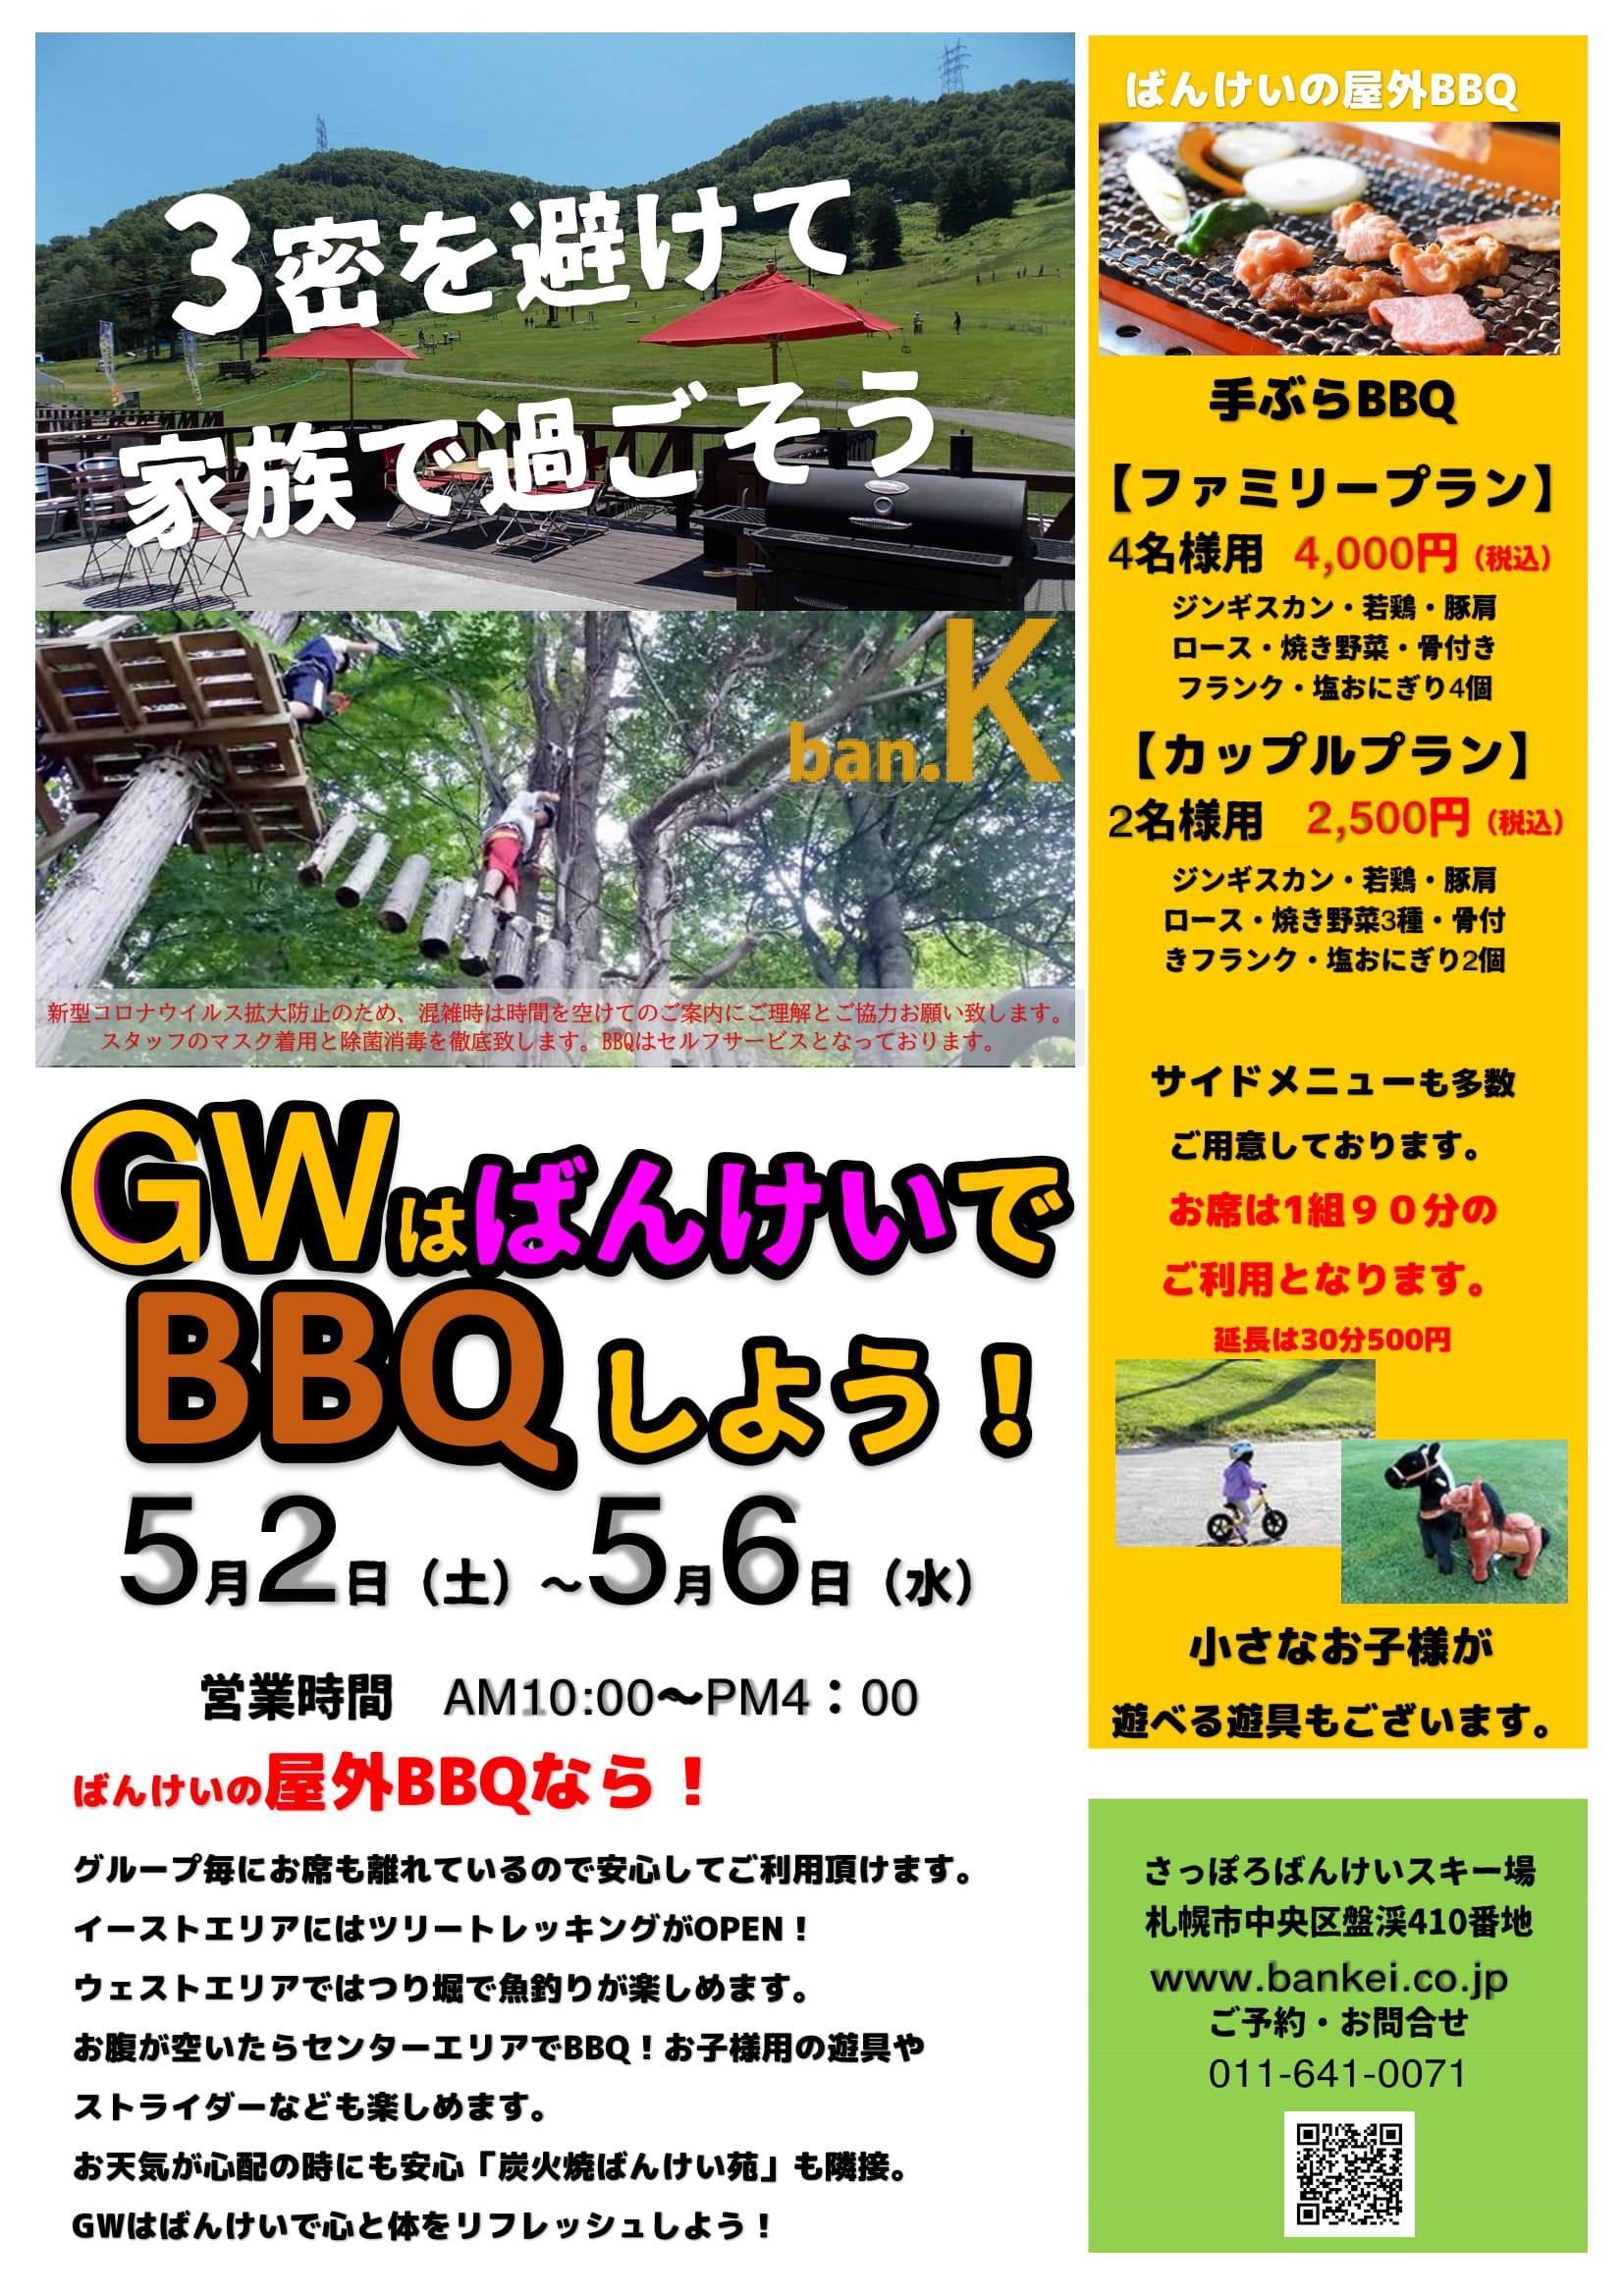 GWBBQ-1-1-1